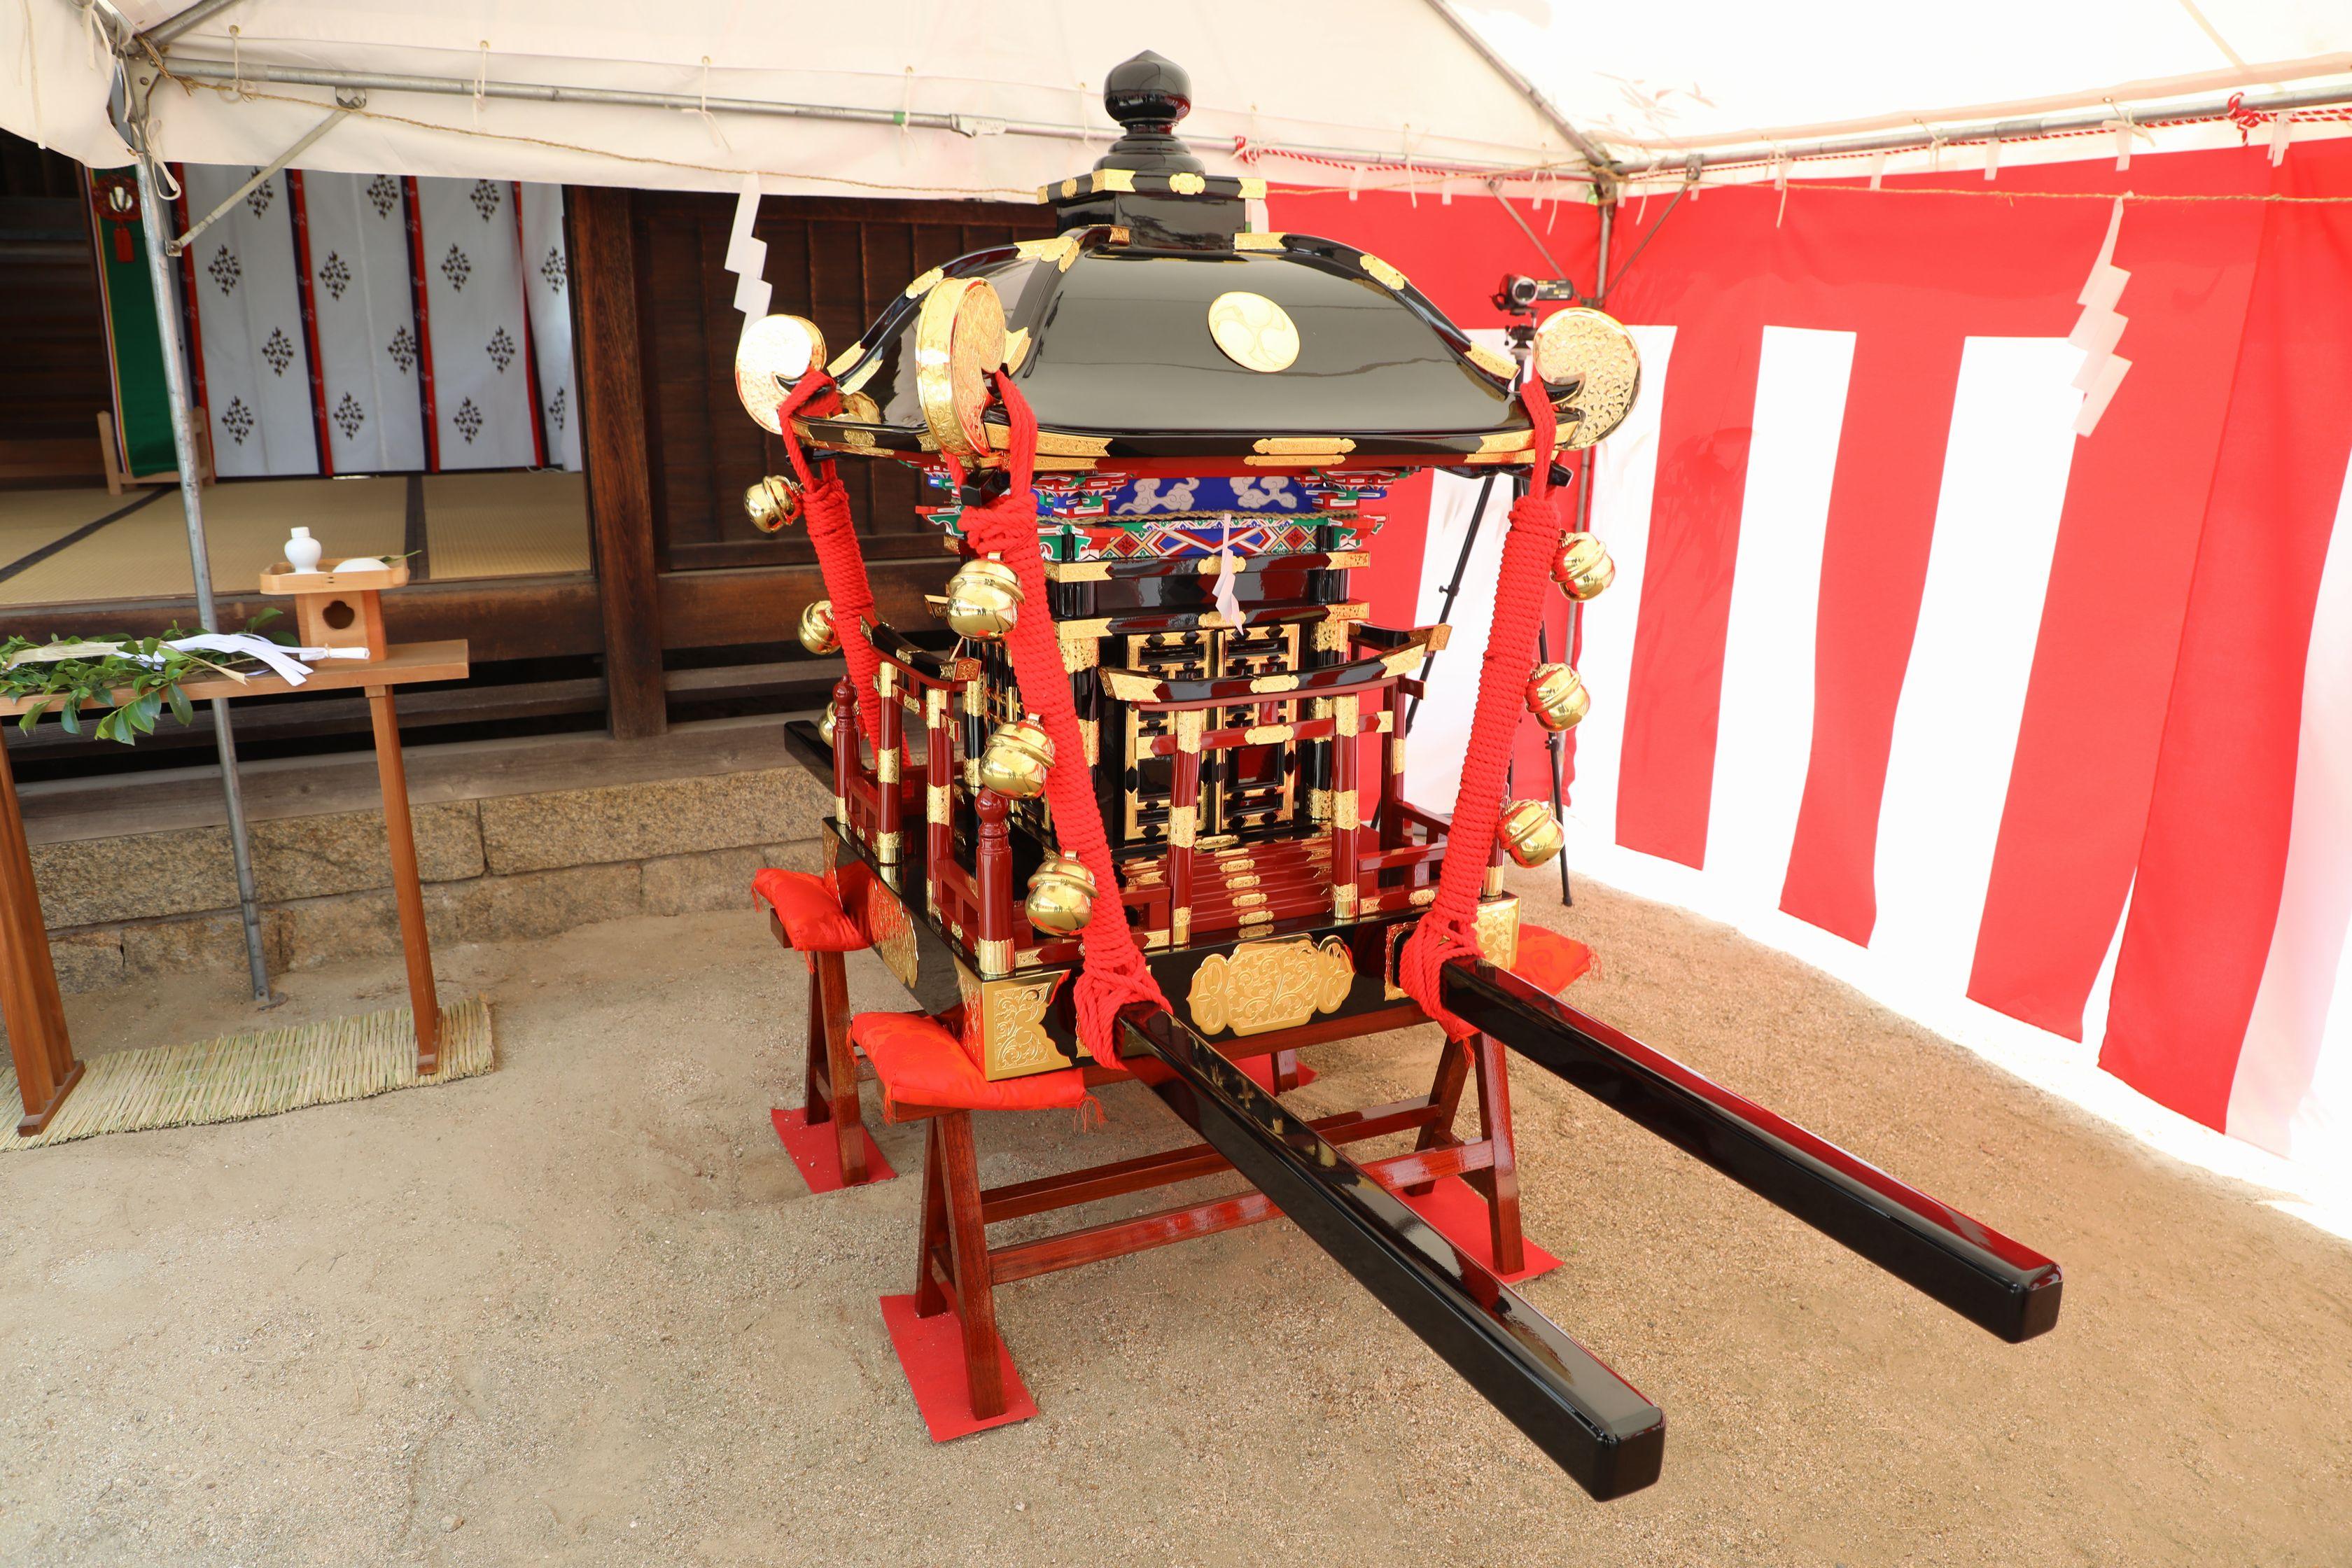 ツネイシみらい財団 日本・パラグアイ国交樹立100周年を記念した神輿の寄贈を支援